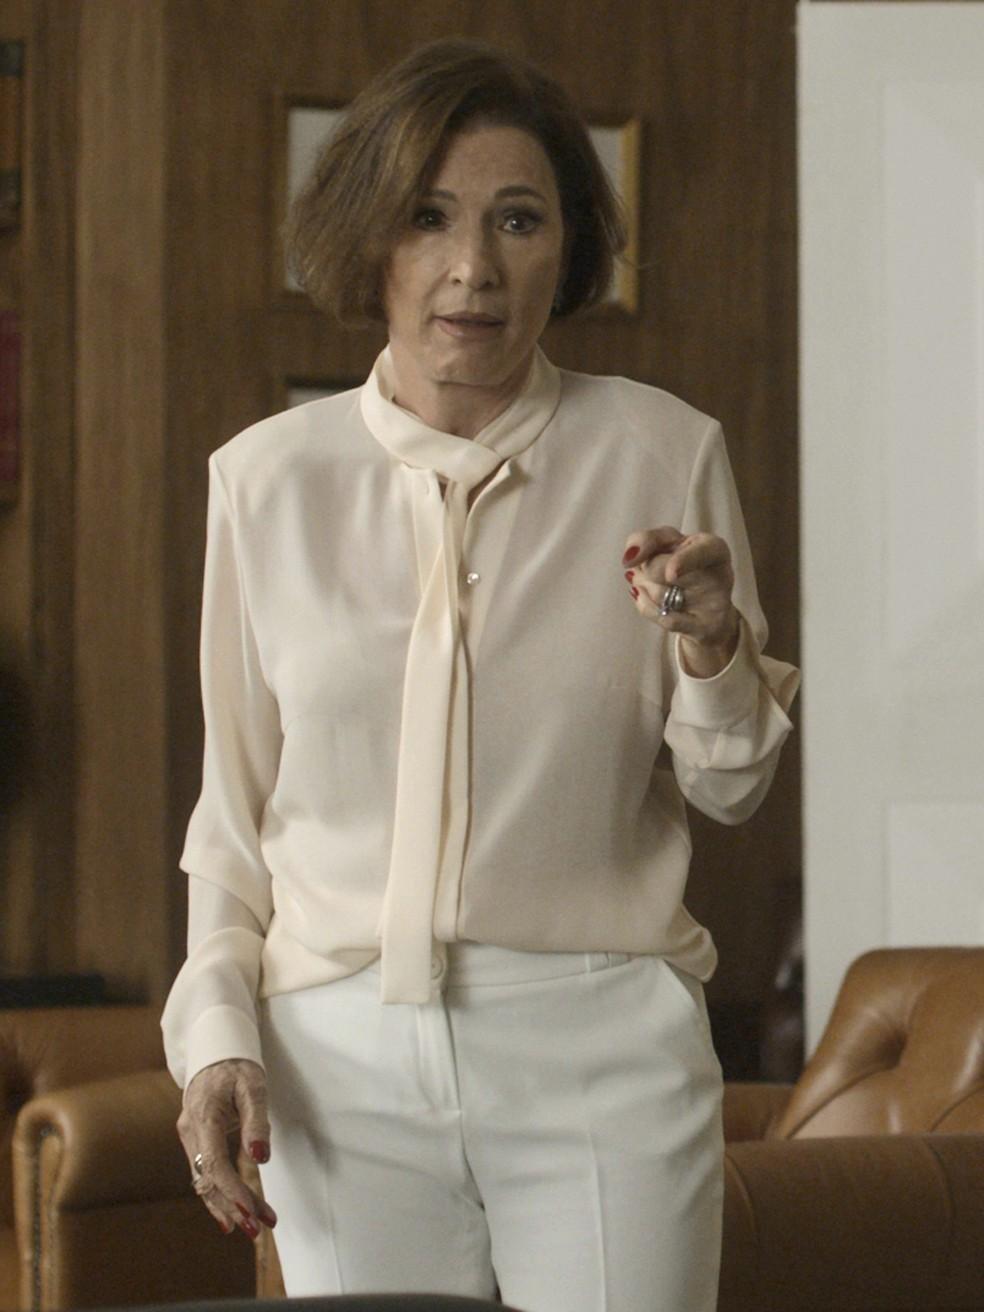 Camisa de tecido fino com botões e calça social branca.. Kiki é pura elegância!  (Foto: TV Globo  )